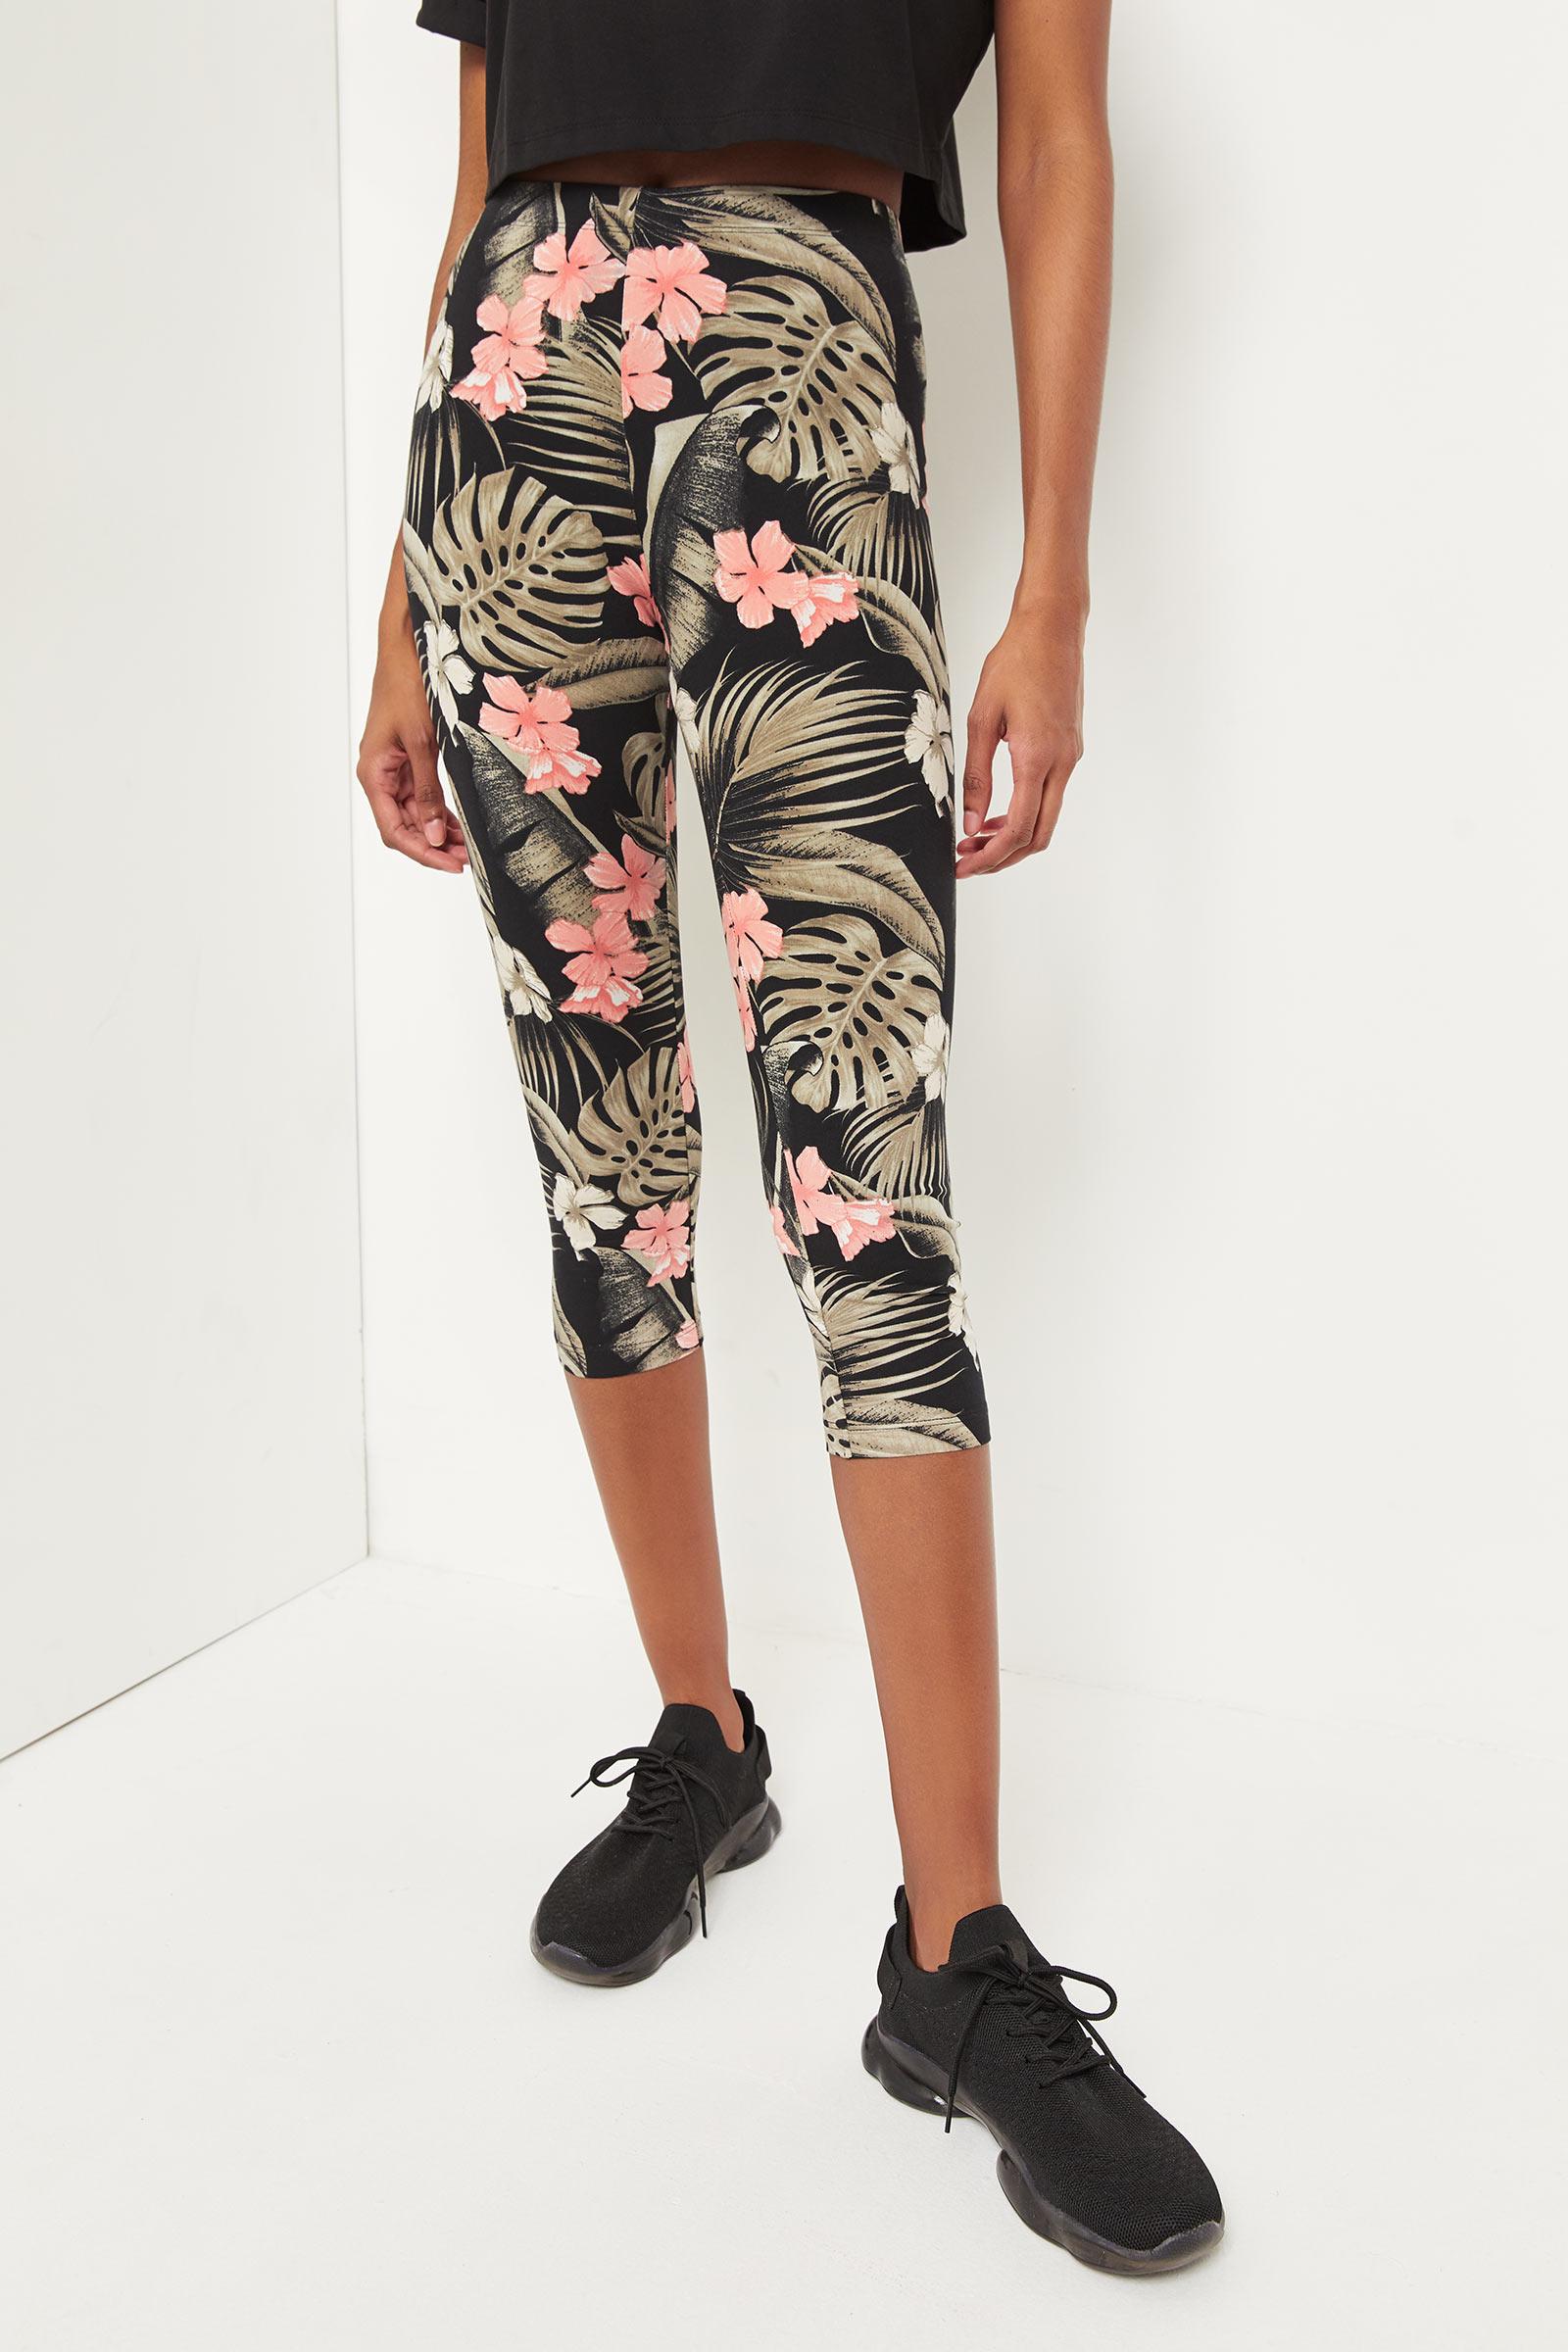 Floral Crop Leggings